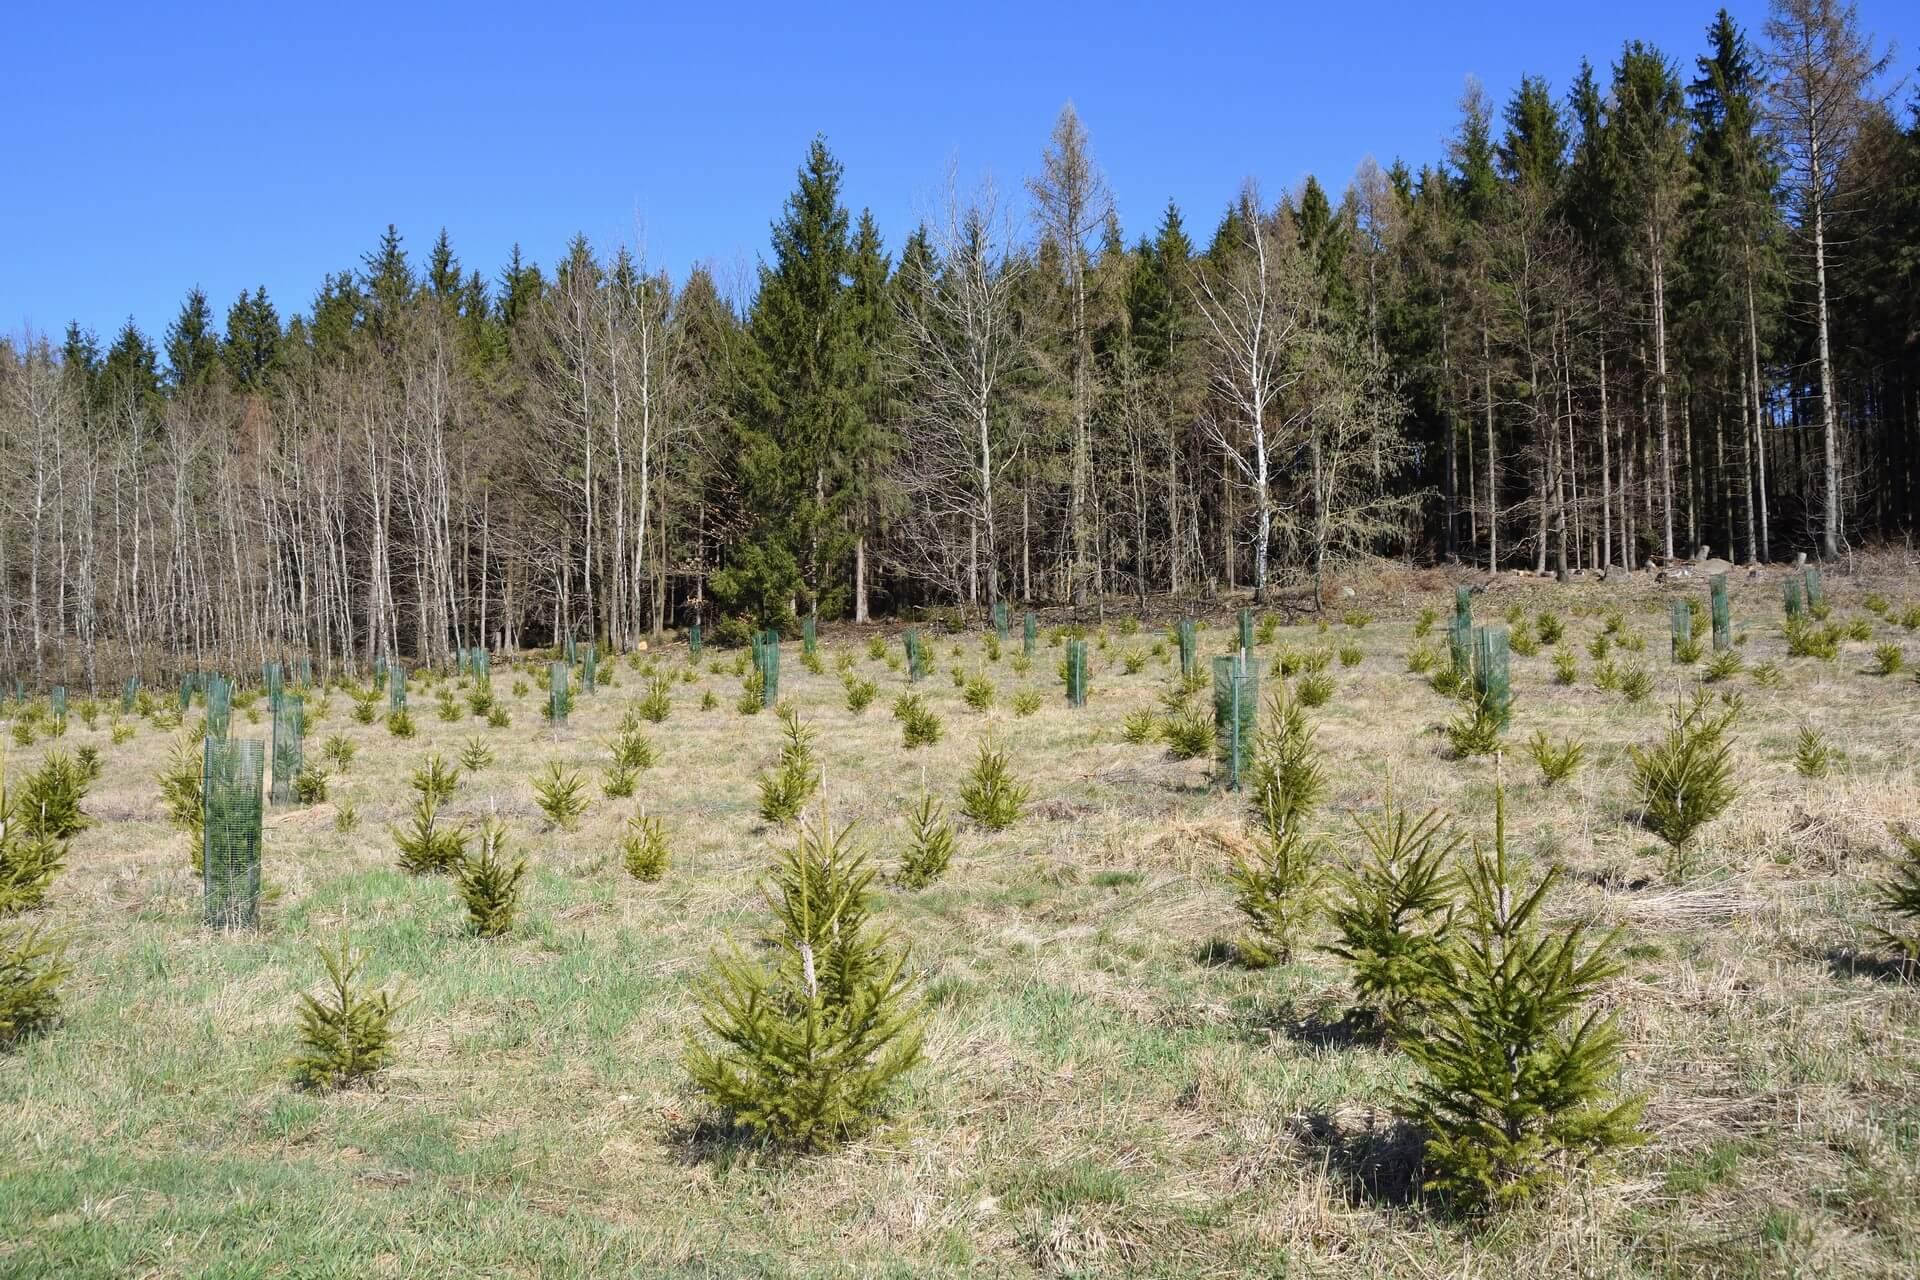 V zadnjih 20 letih se je obnovilo skoraj 59 milijonov hektarjev gozdov